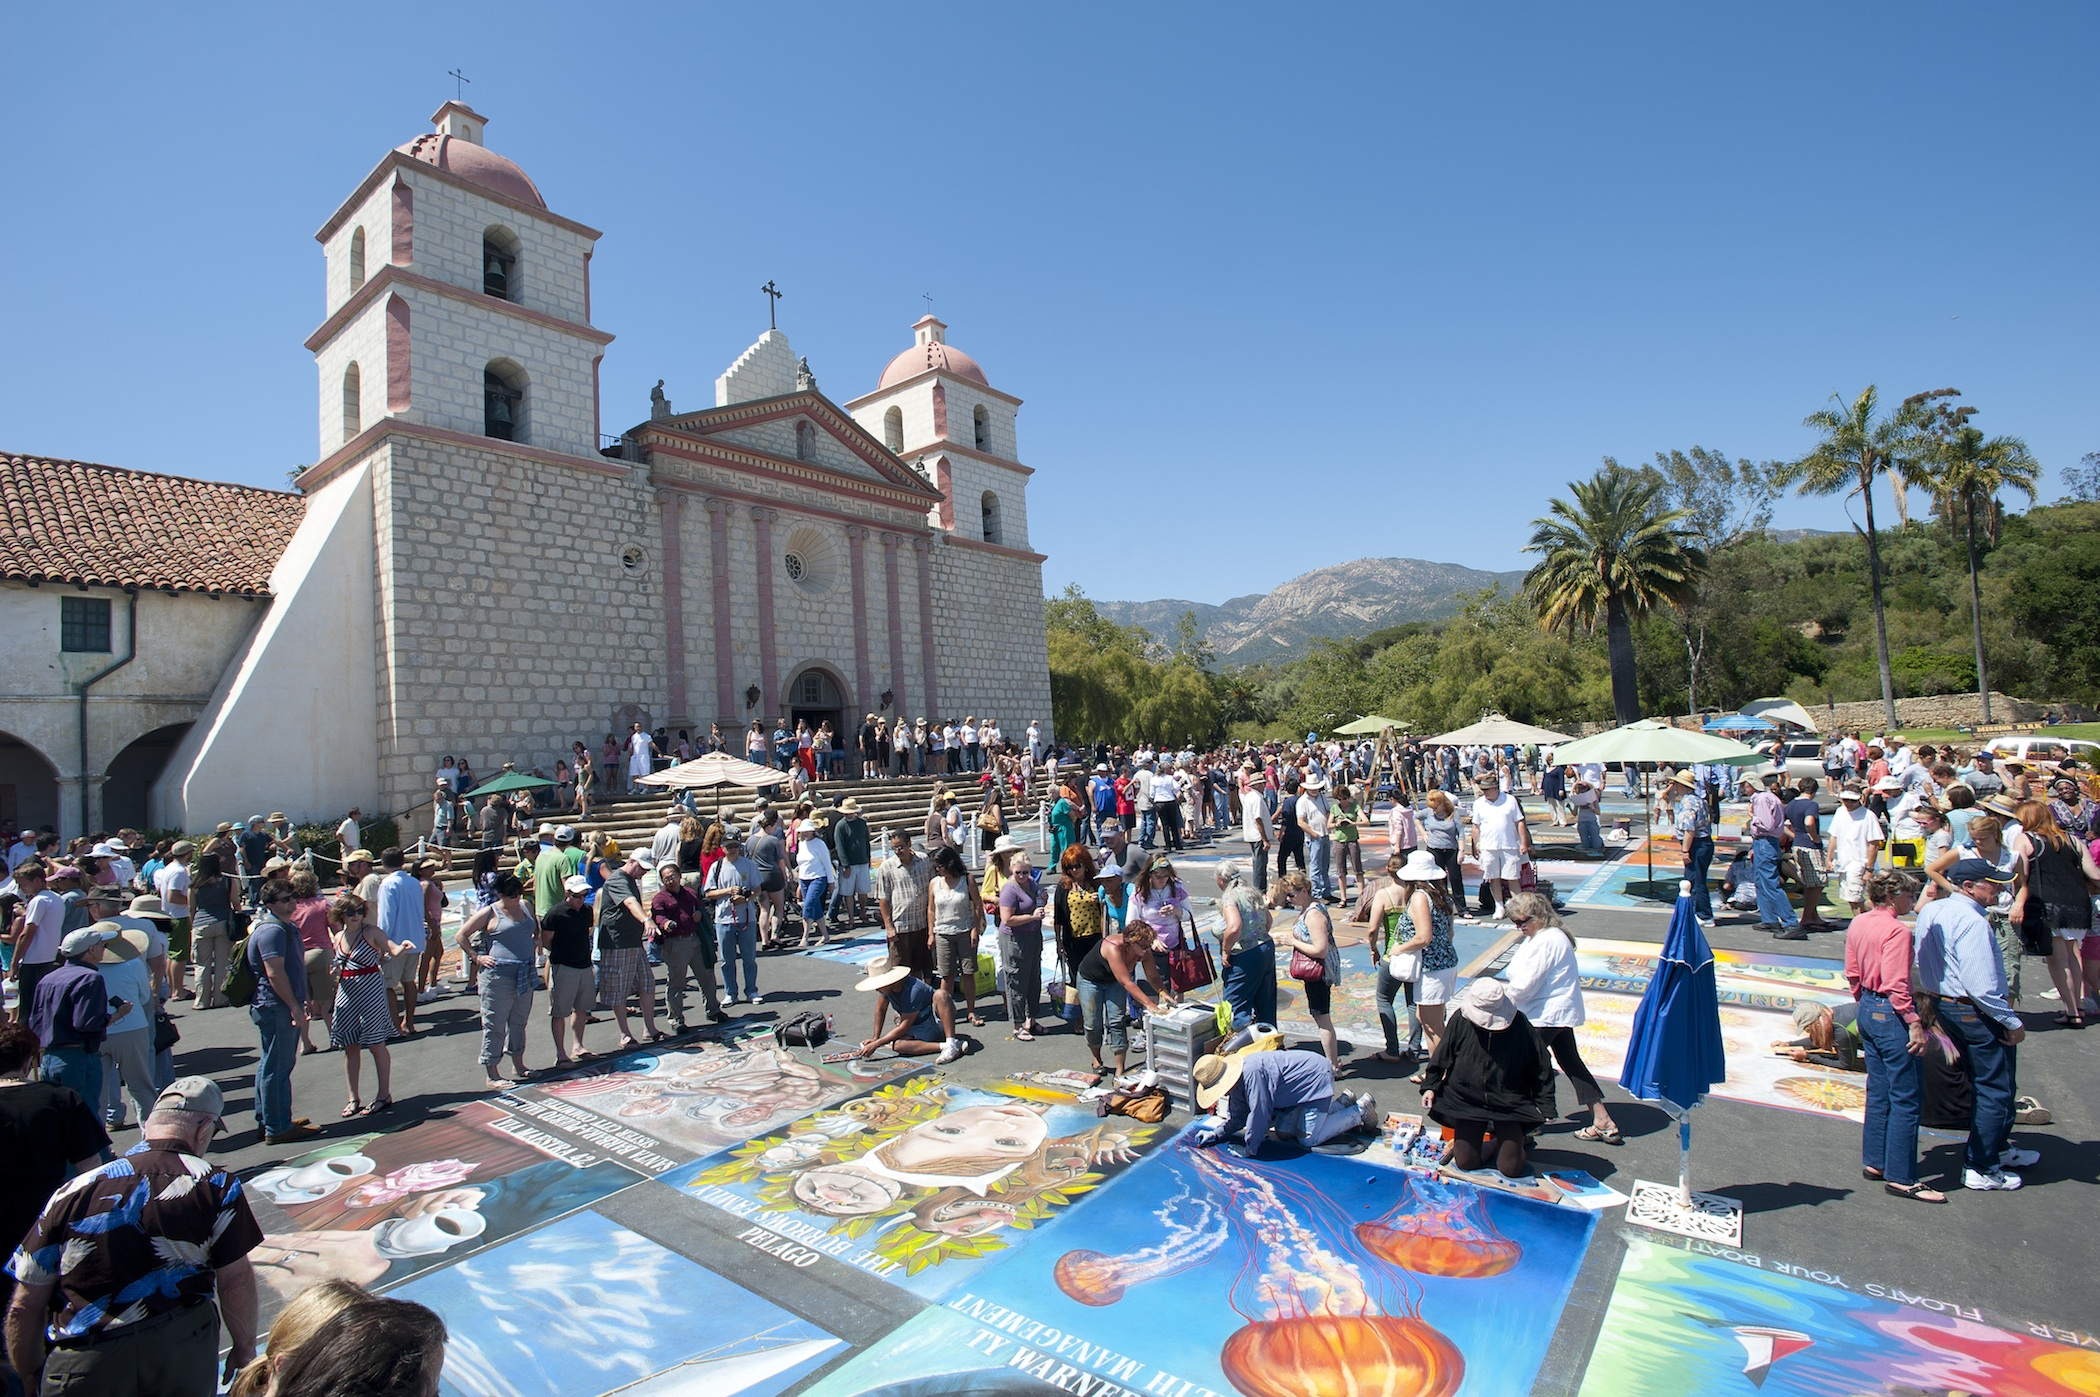 chalk-art-festivals-09.jpg